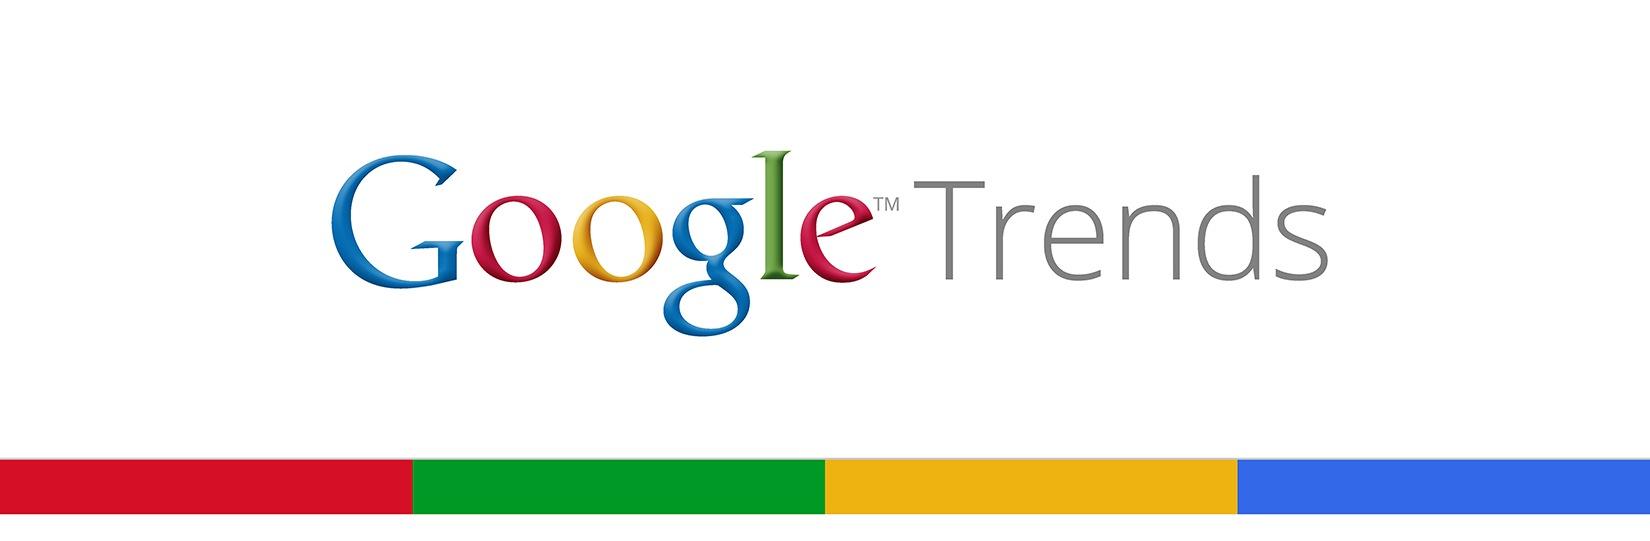 Google Trends Significato